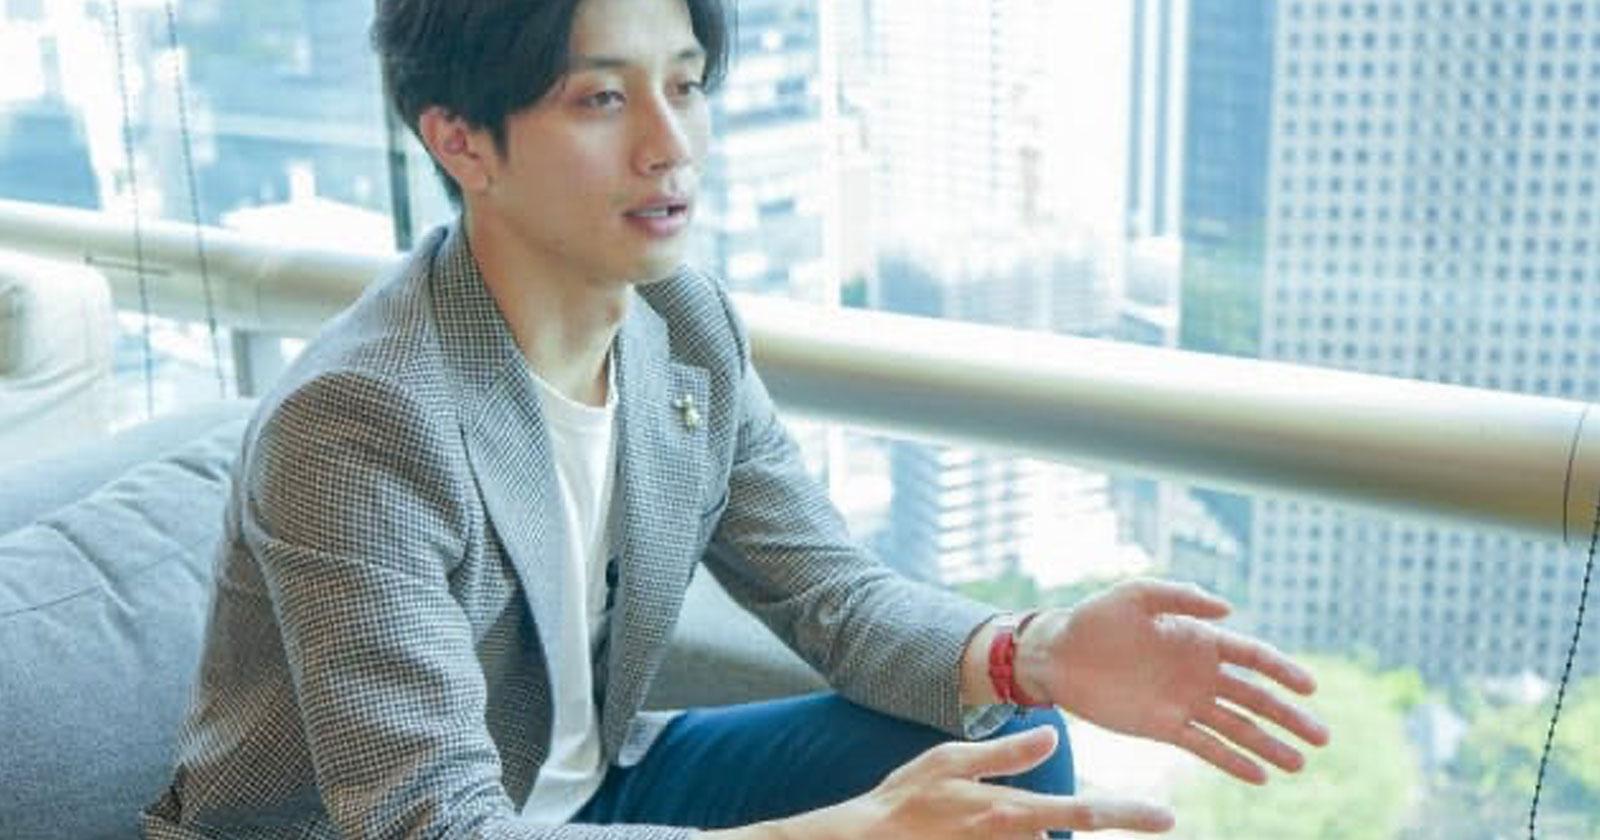 NIKKEI STYLE「出世ナビ あしたのマイキャリア」にて、当社エンジニア 藤井 祐汰のインタビュー記事が掲載されました。